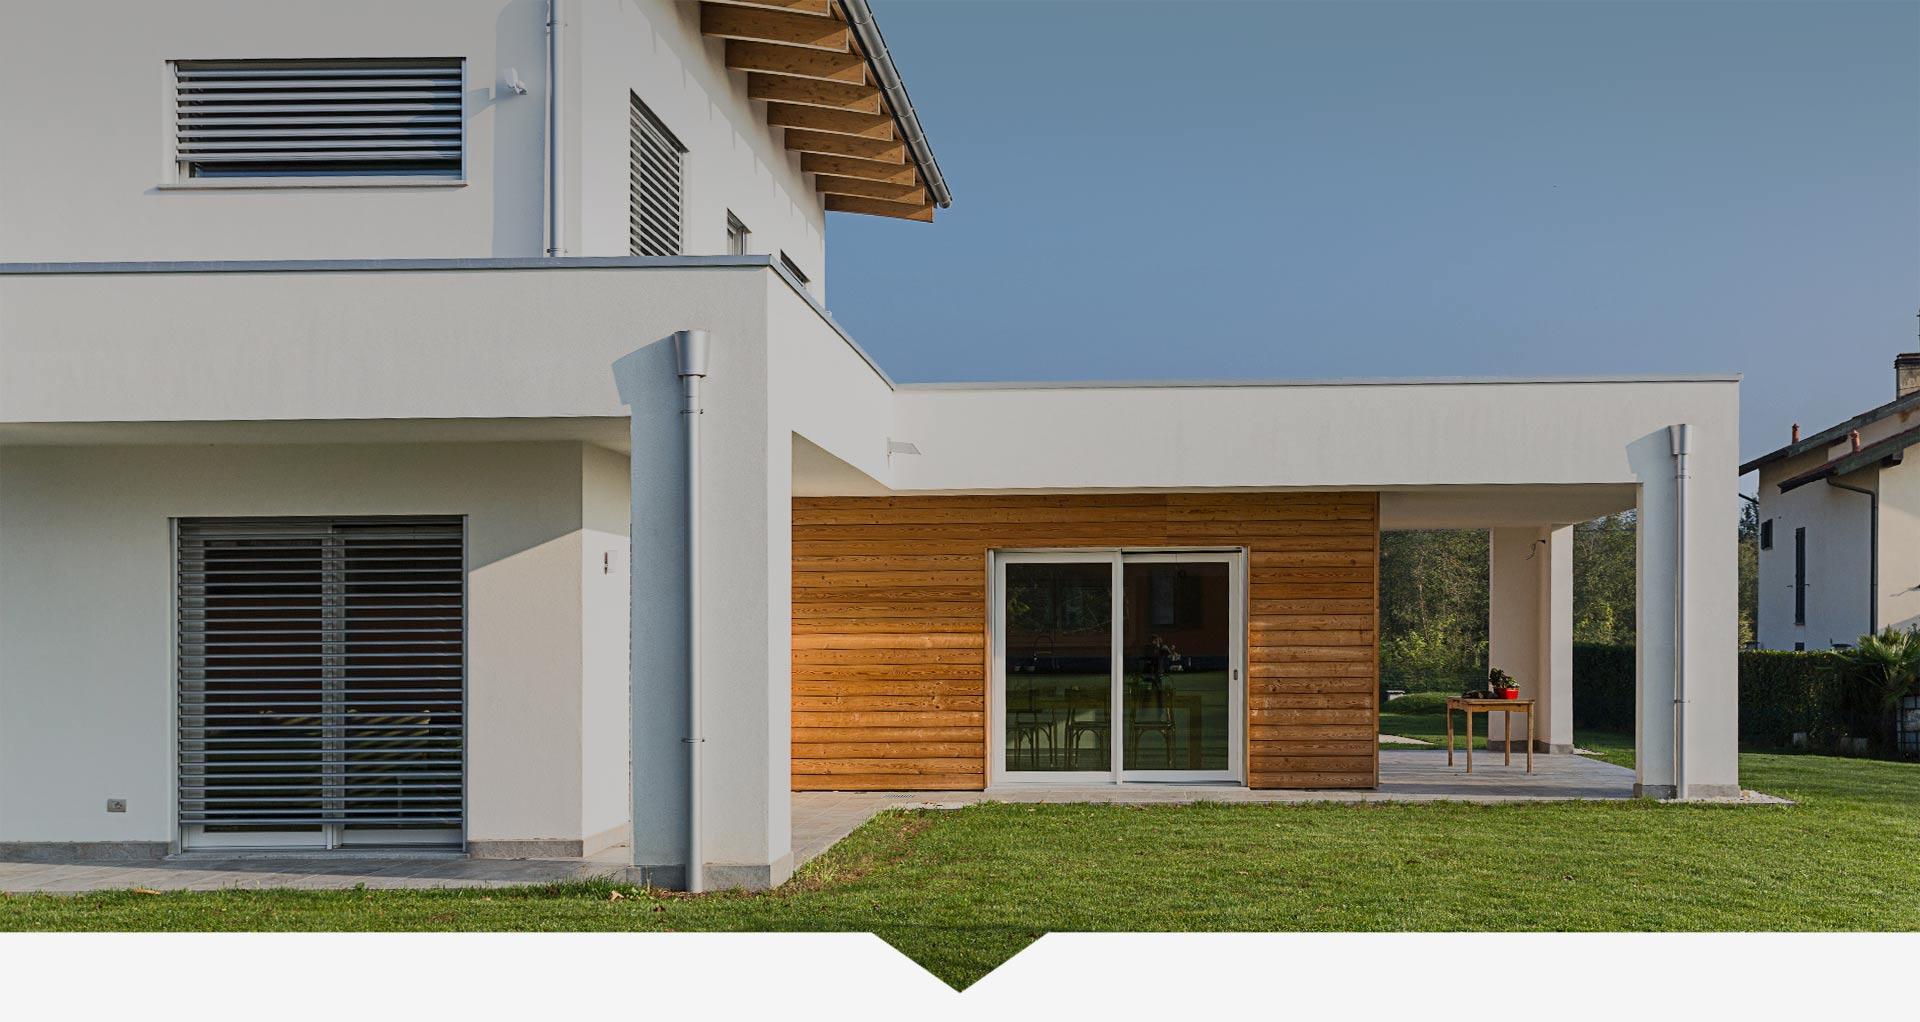 Kager italia case prefabbricate in legno su misura for Case vittoriane su misura